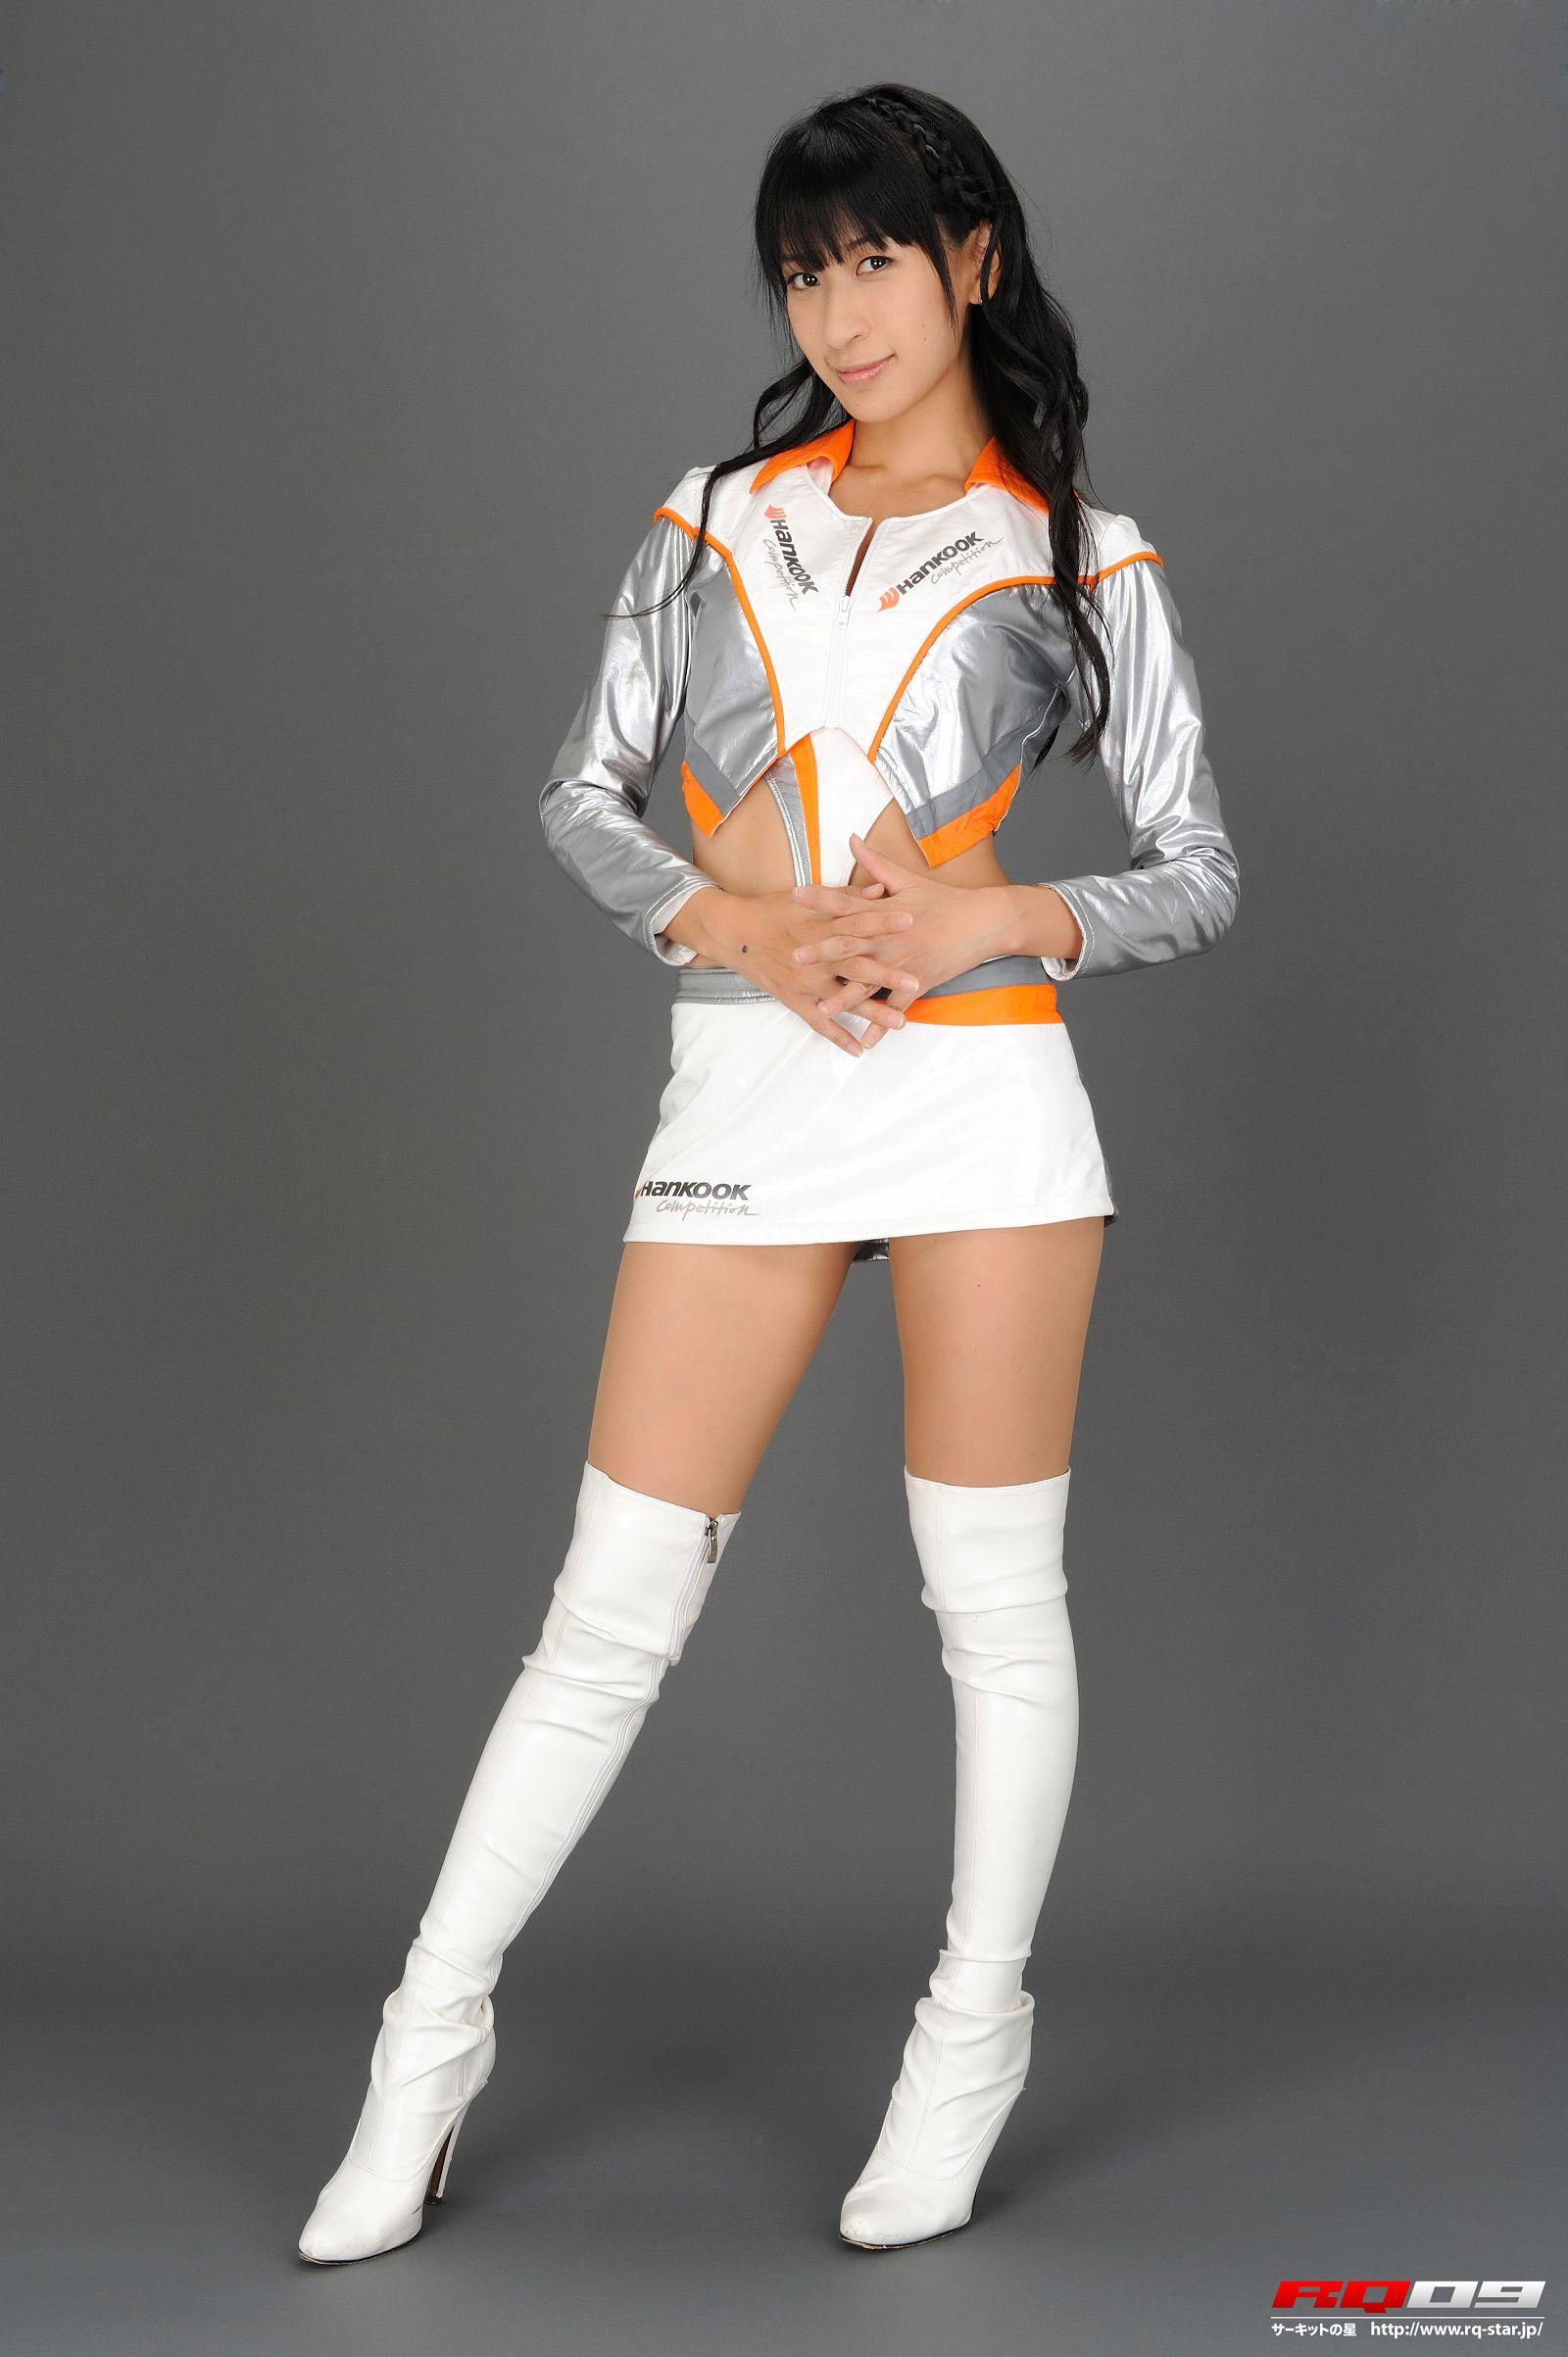 [RQ STAR美女] NO.0215 Hiroko Yoshino よしのひろこ Race Queen[108P] RQ STAR 第1张